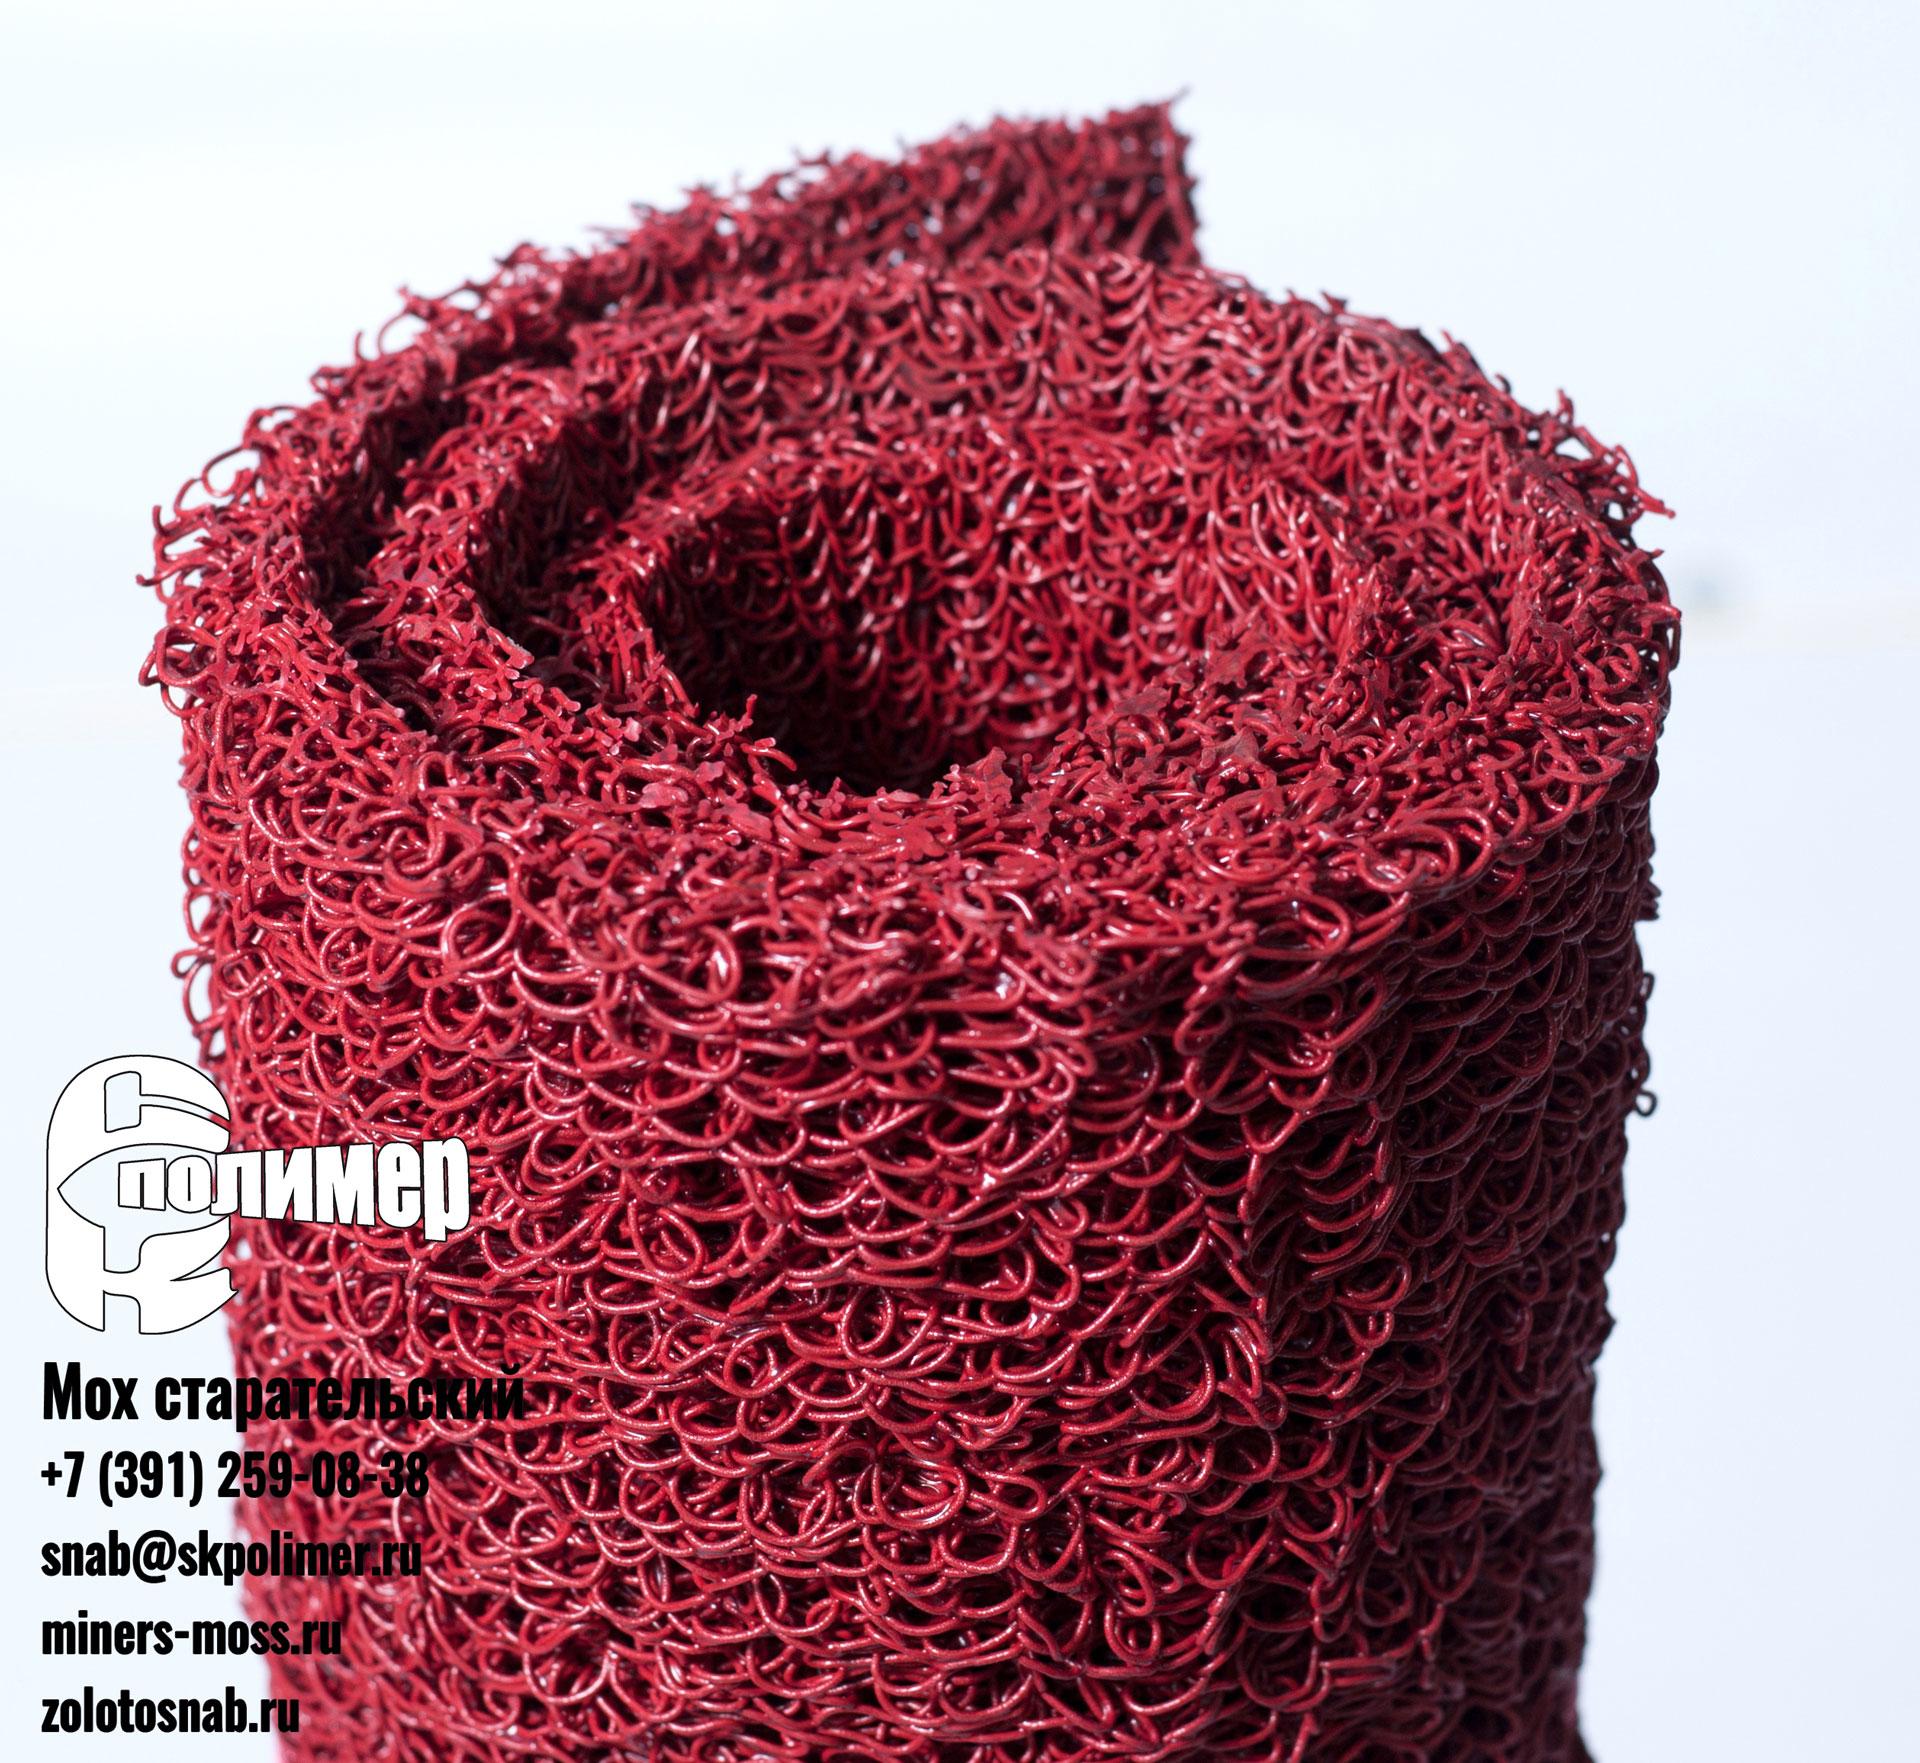 мох старательский рулон красный